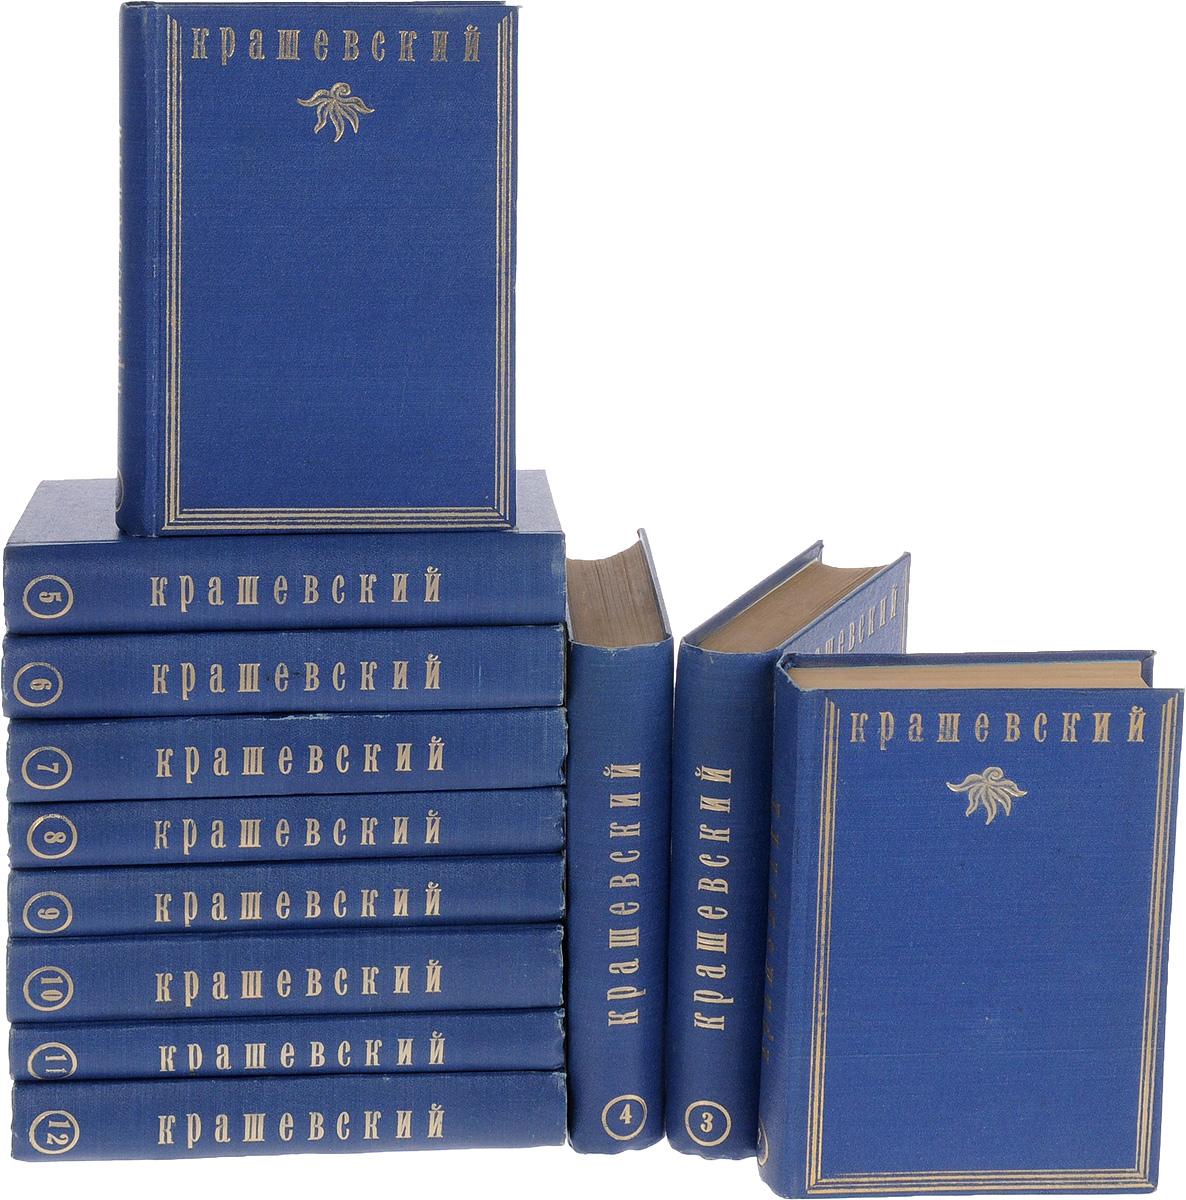 И. И. Крашевский. Собрание сочинений в 12 томах (комплект)